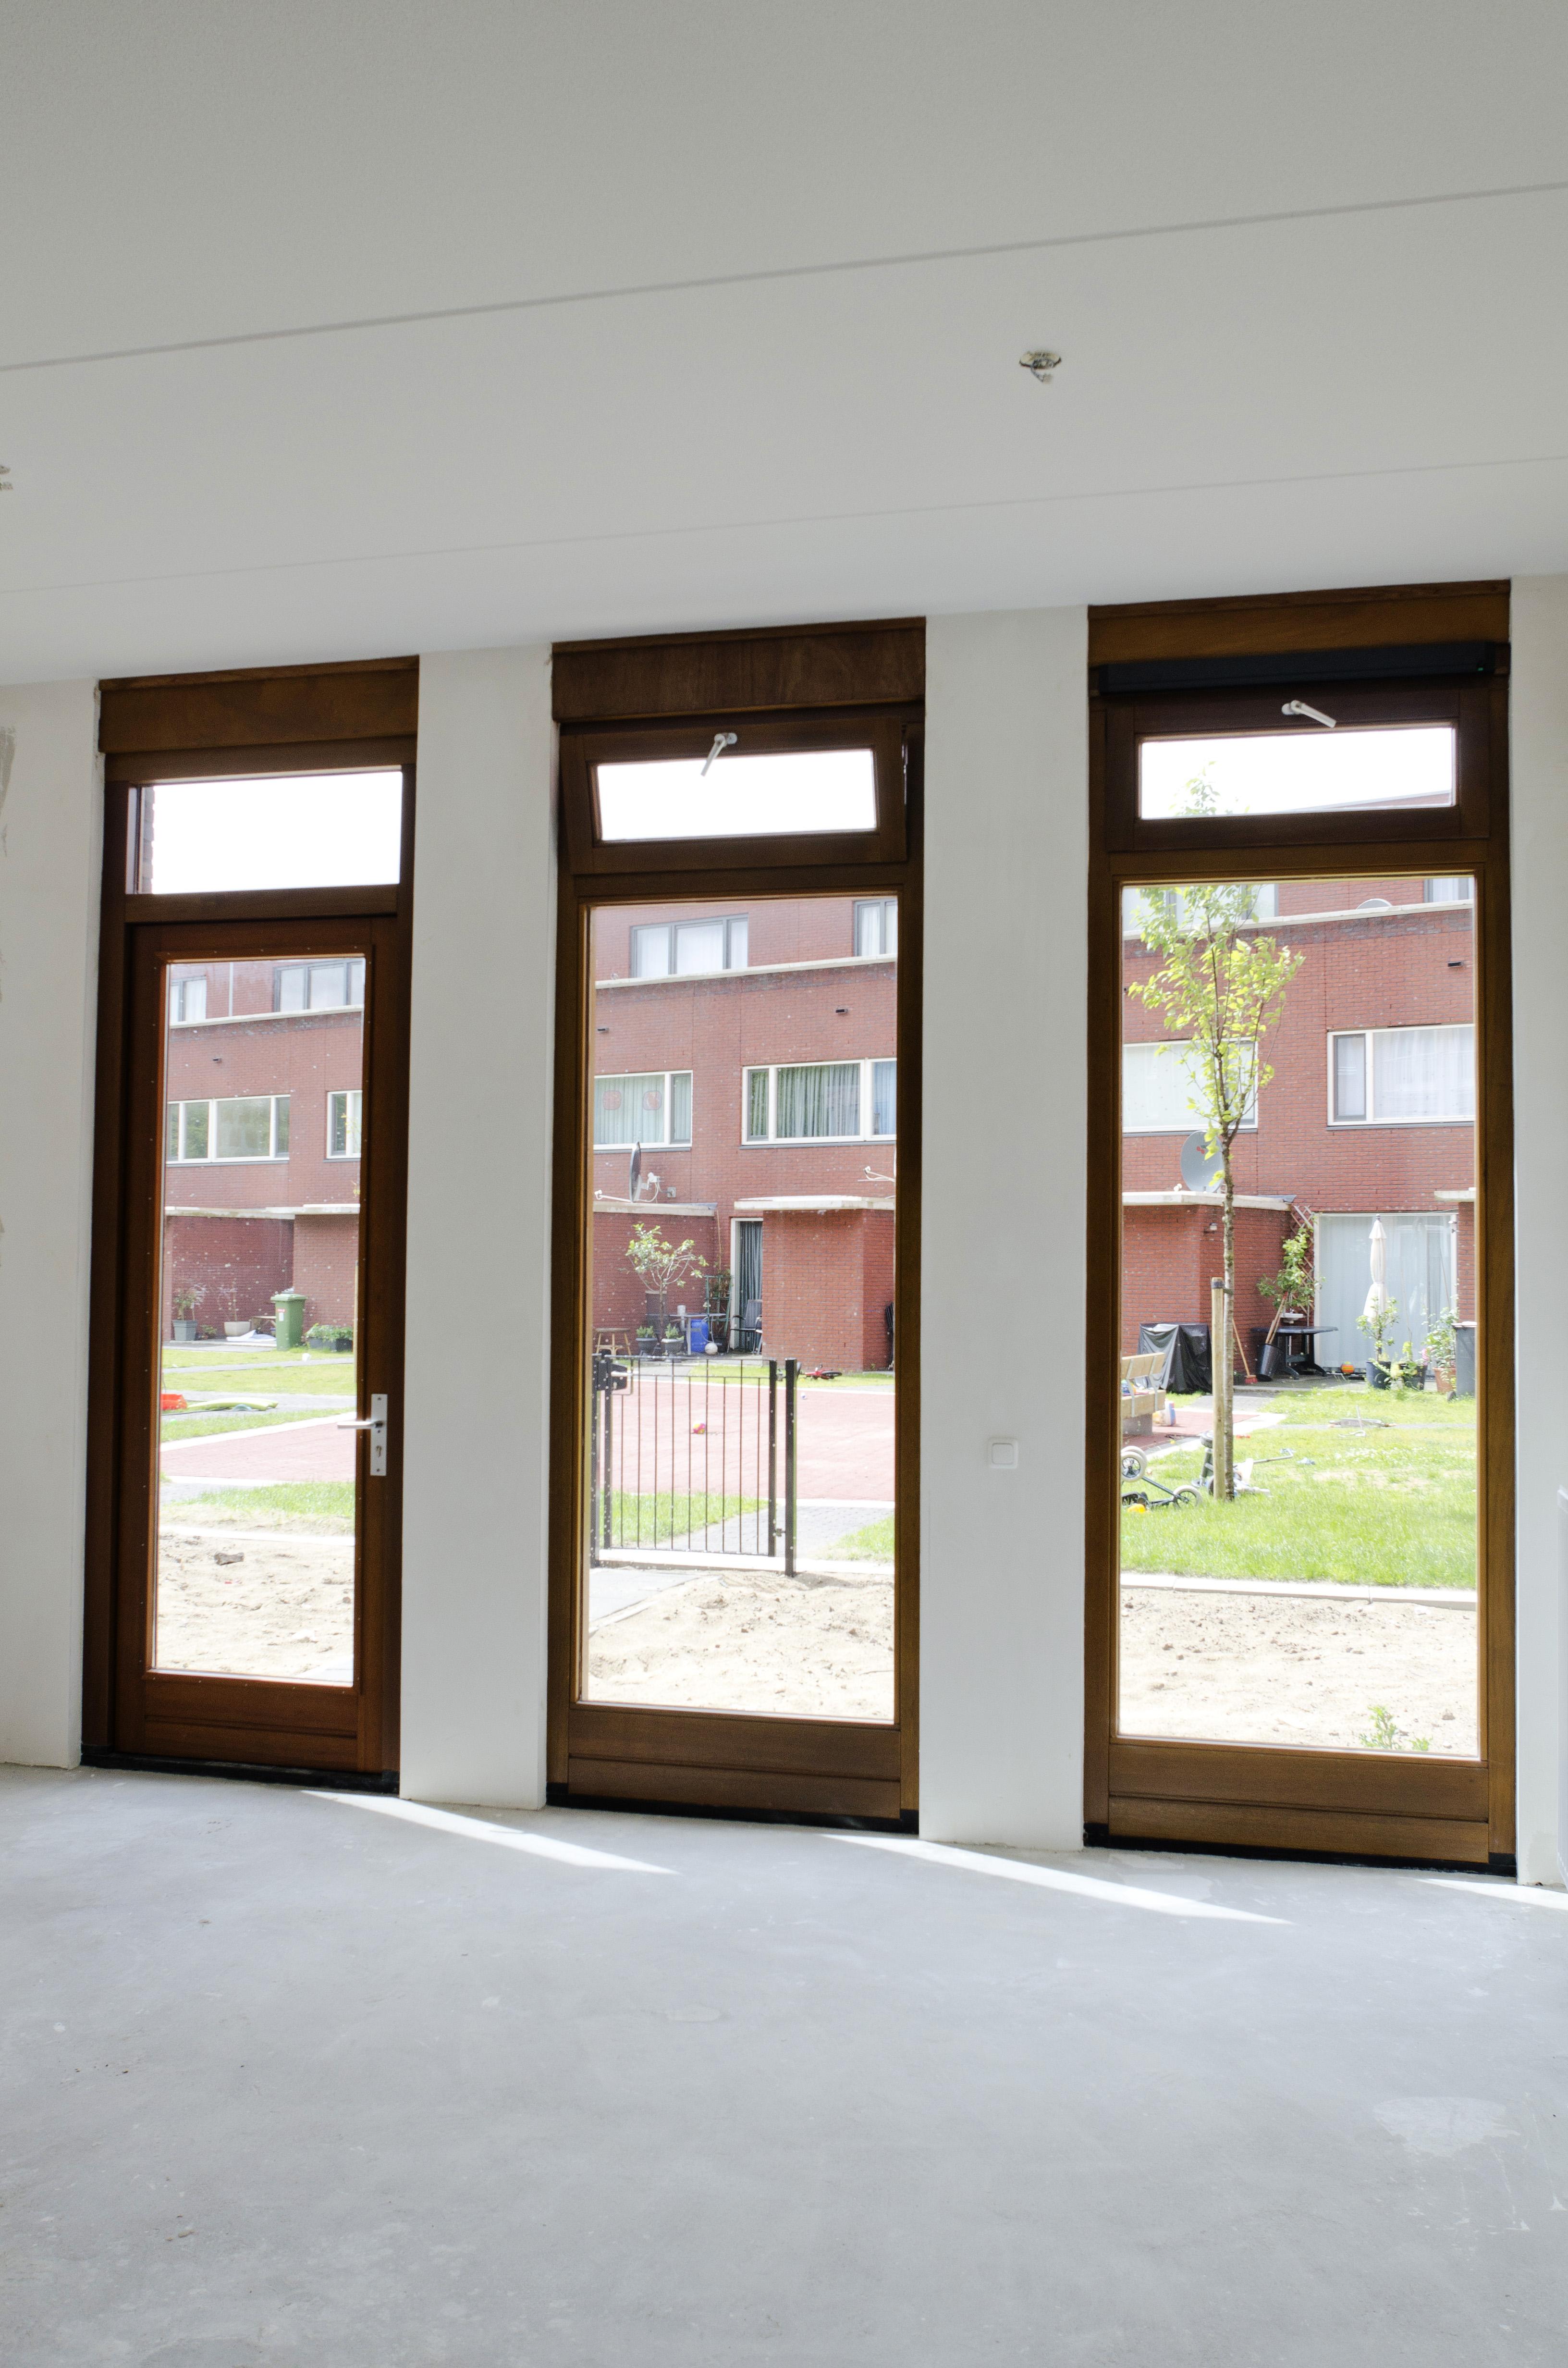 Kavel 9 van Tijenbuurt Getijenveld Atelier PUUUR zelfbouw particulier Opdrachtgeverschap Amsterdam West herenhuis interieur extra hoge verdiepingshoogte